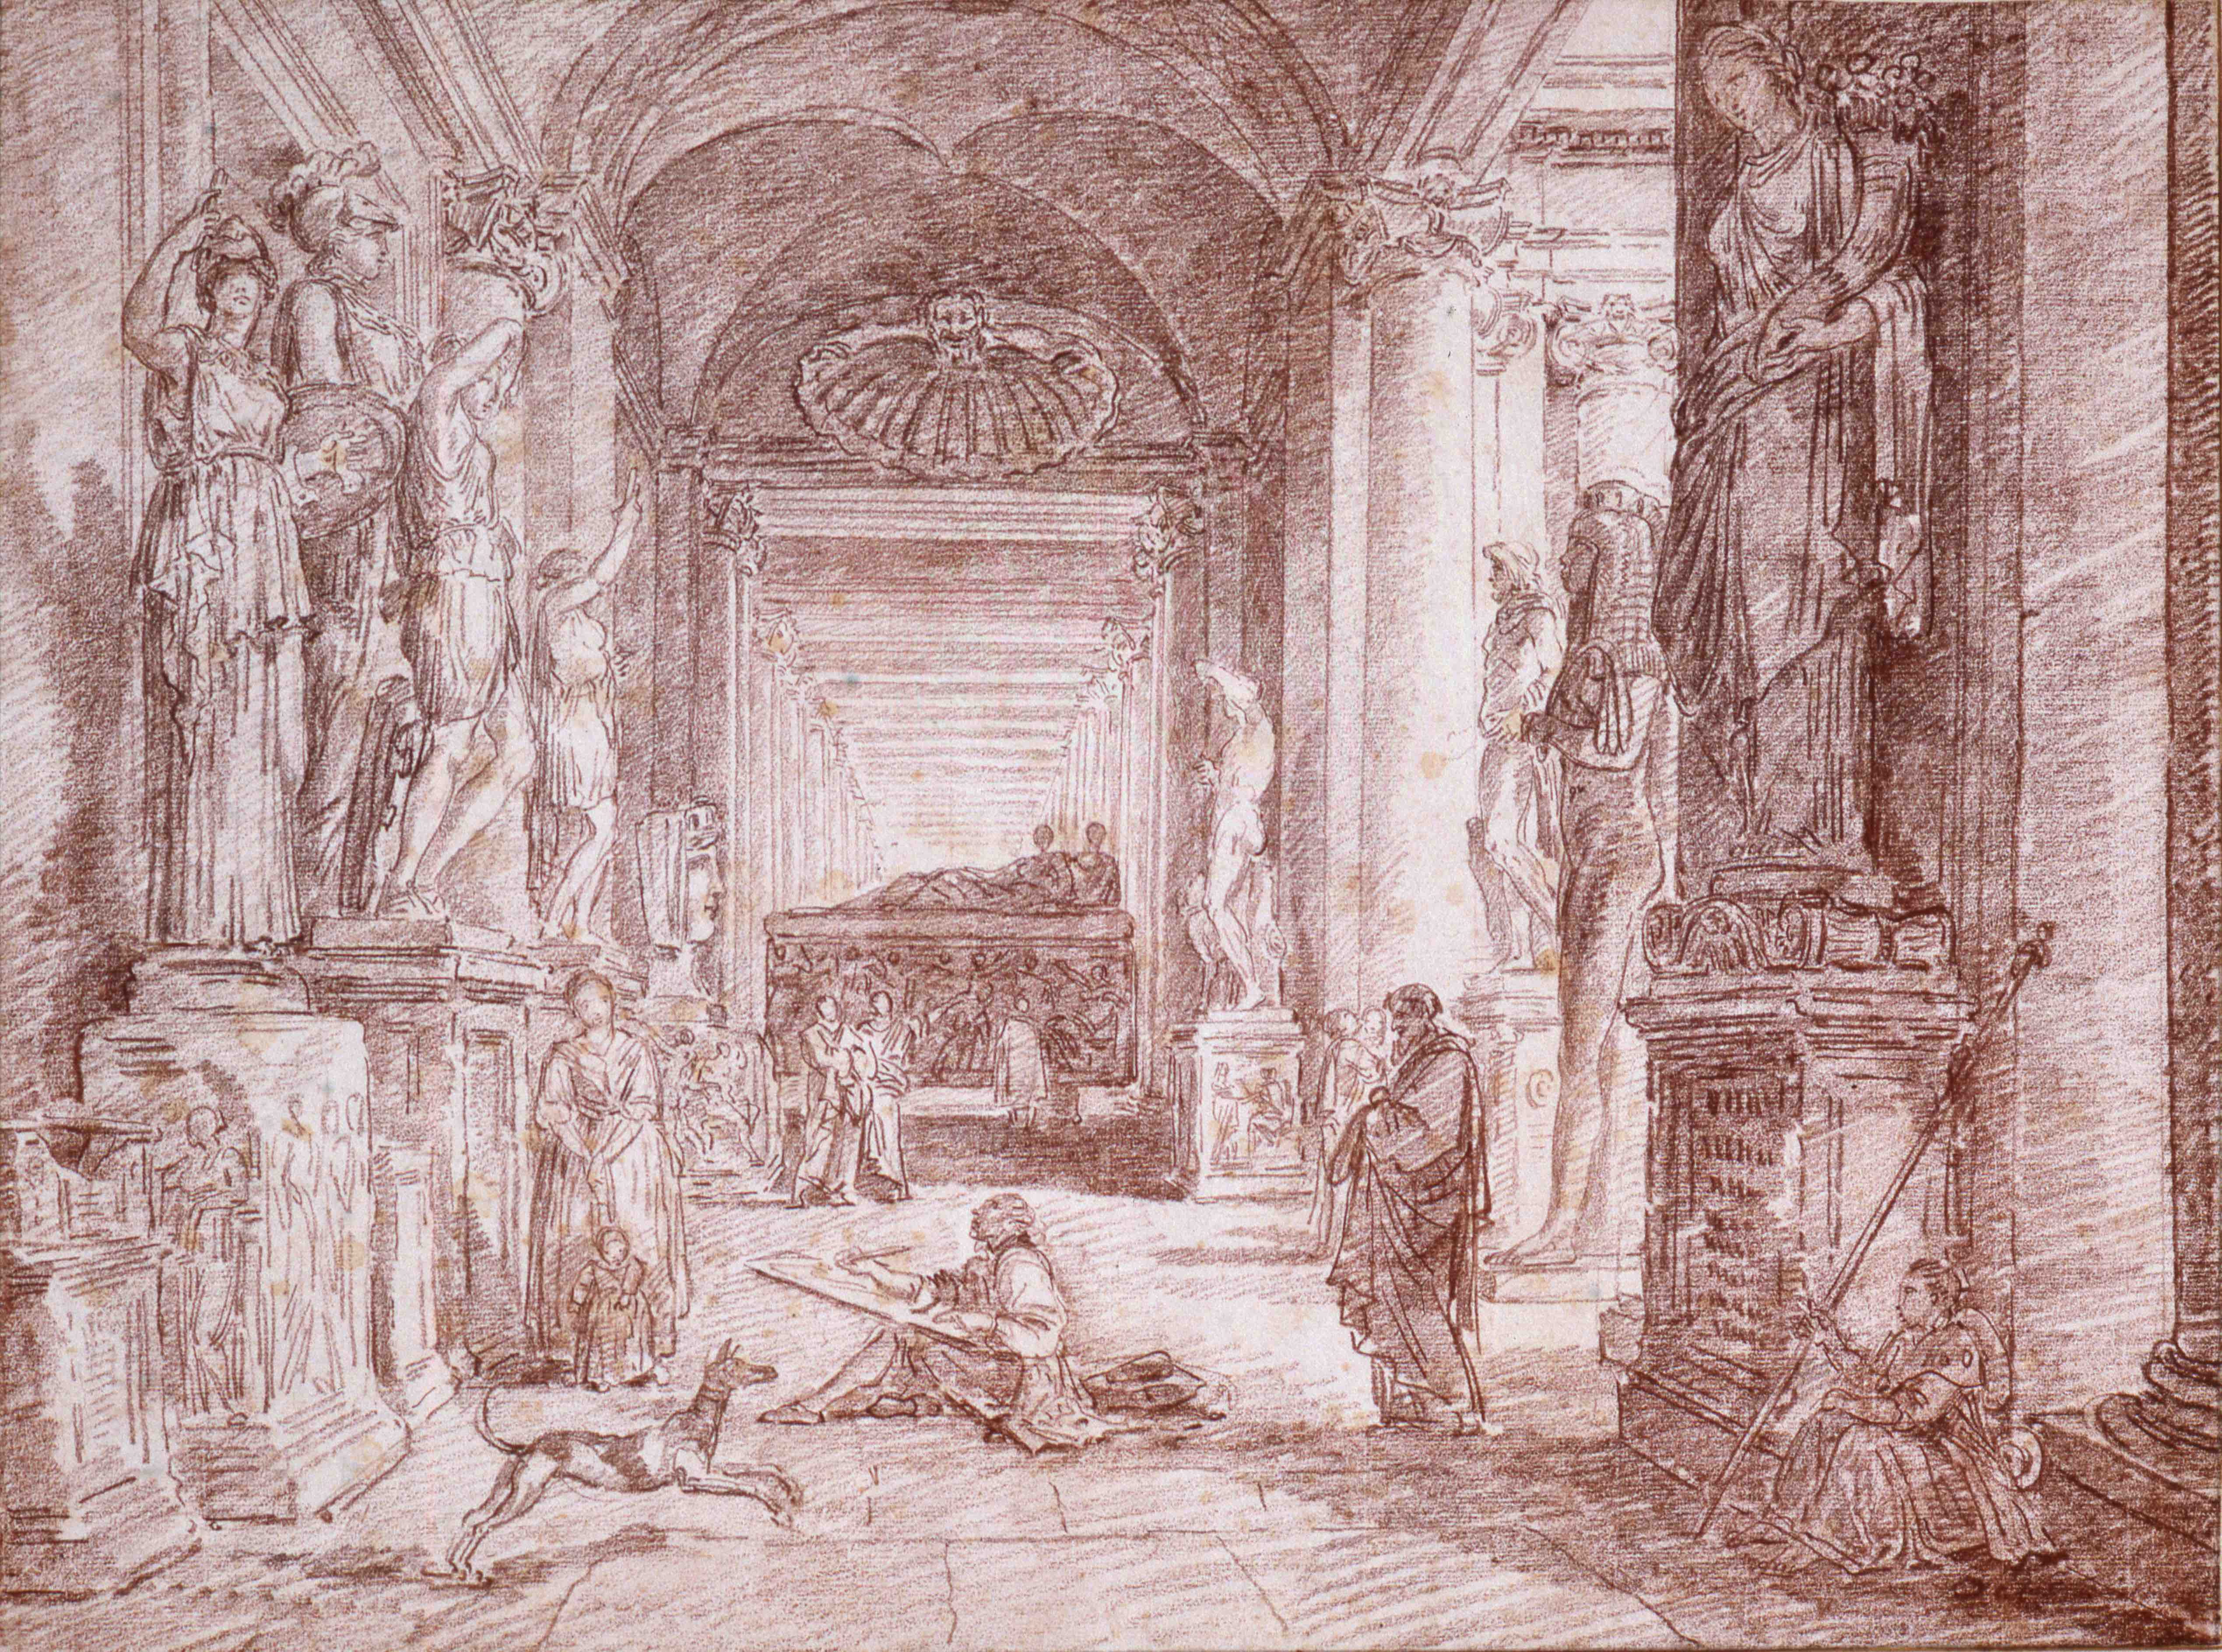 Hubert Robert, Le Dessinateur au Musée du Capitole, Vers 1762-1763 © Musée de Valence, photographie Philippe Petiot